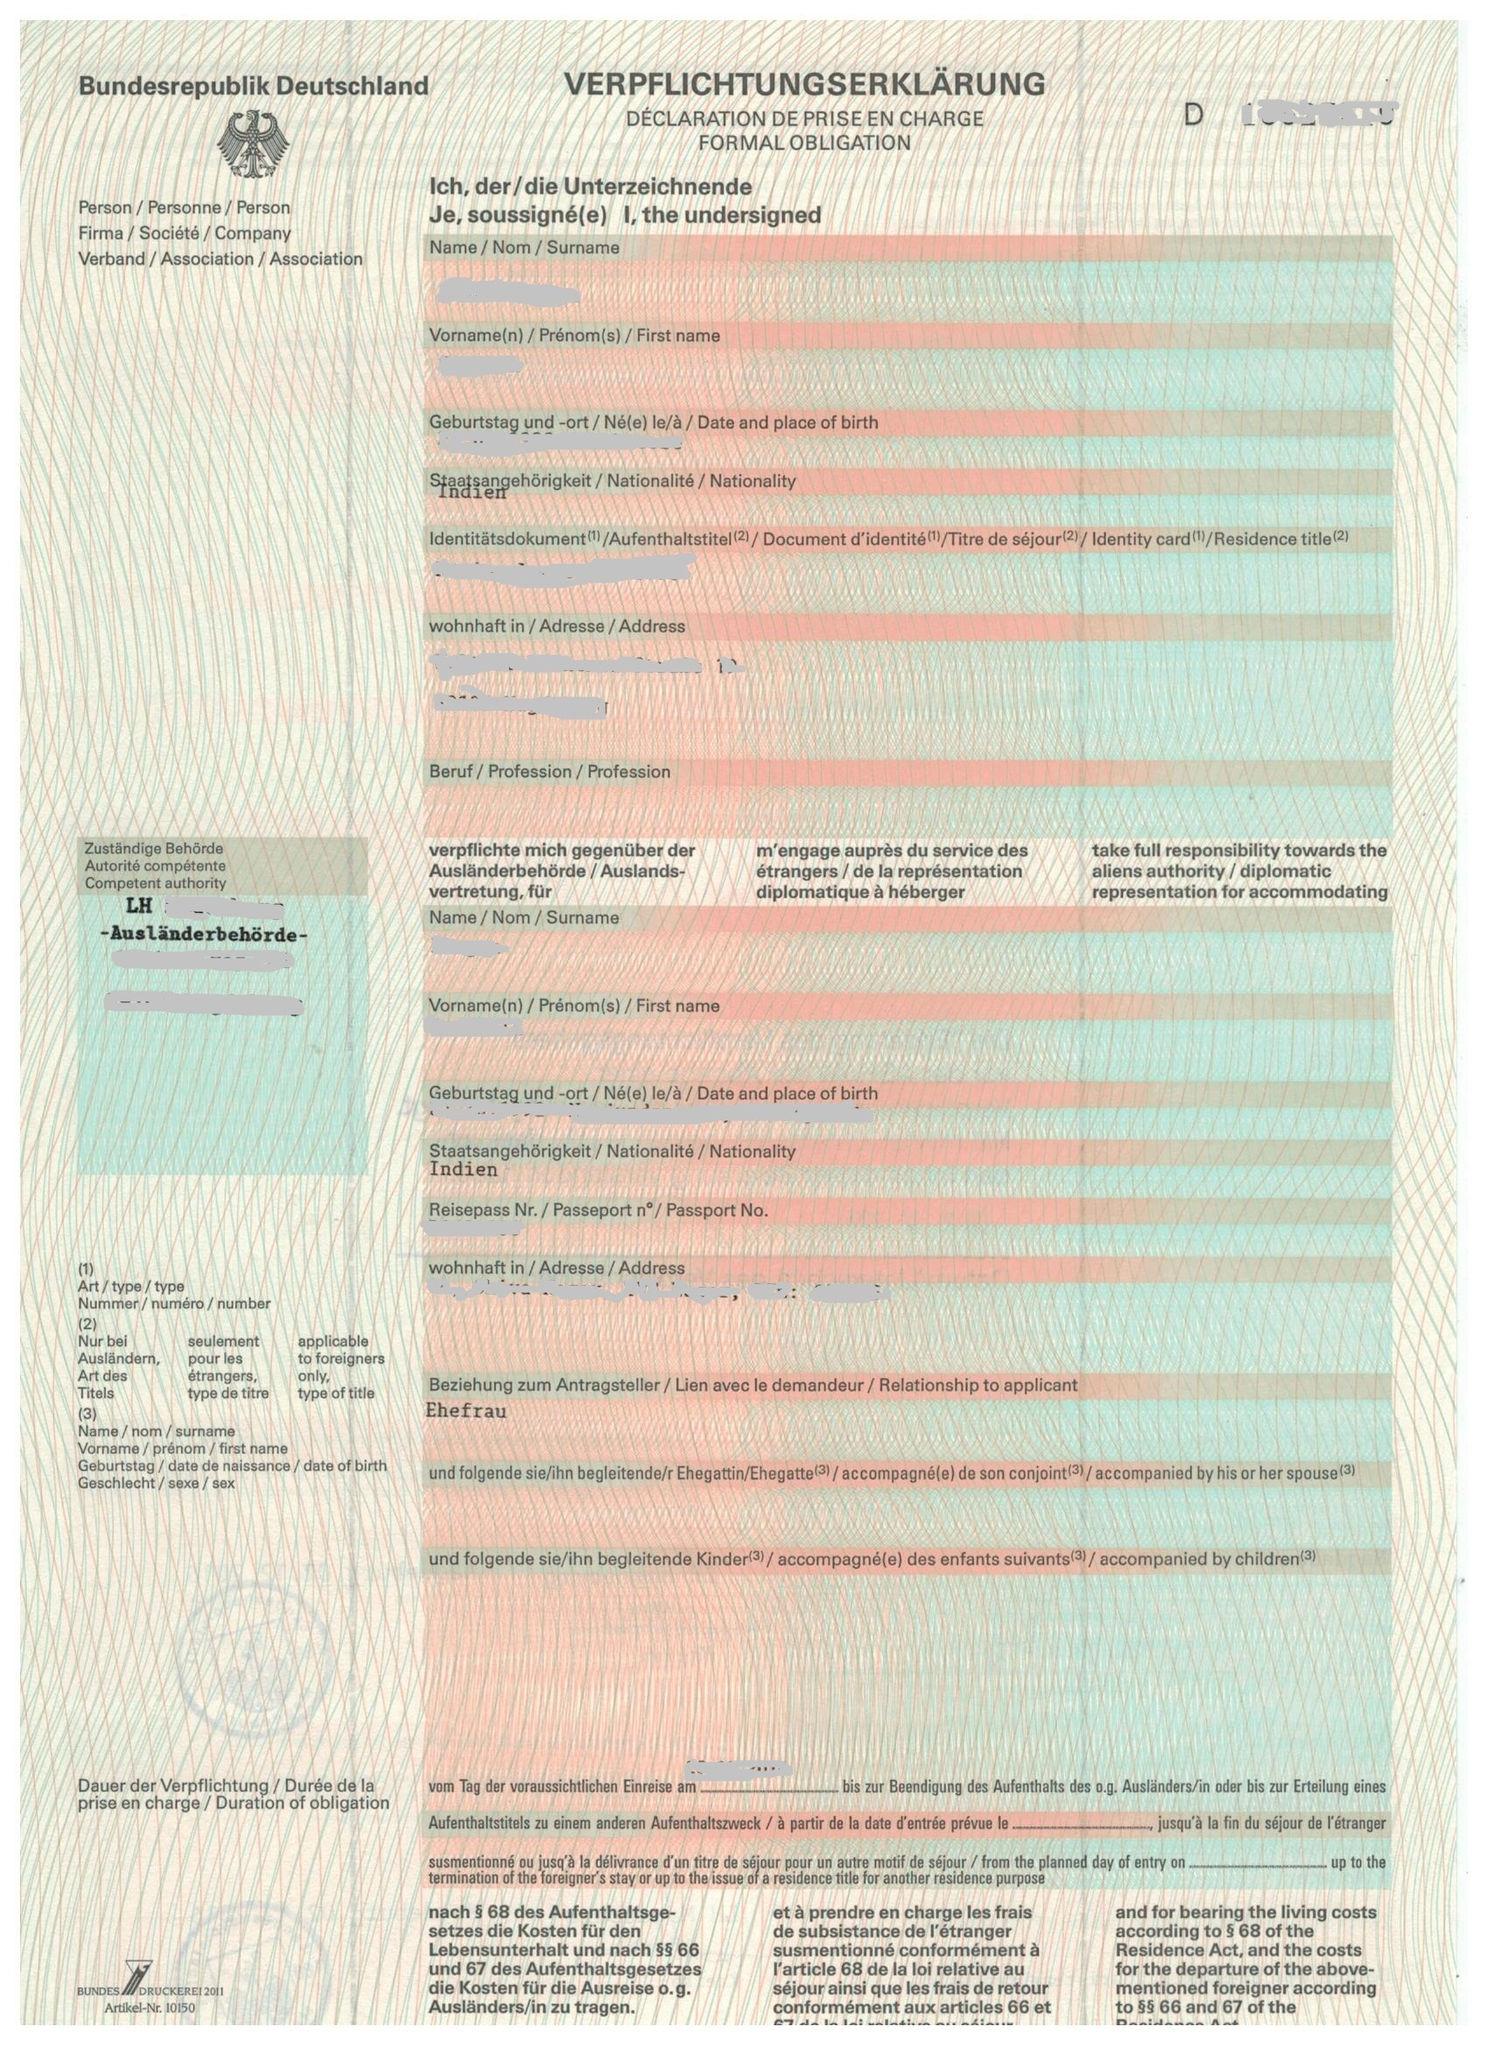 sample verpflichtungserklrung formal obligation letter - Verpflichtungserklarung Muster